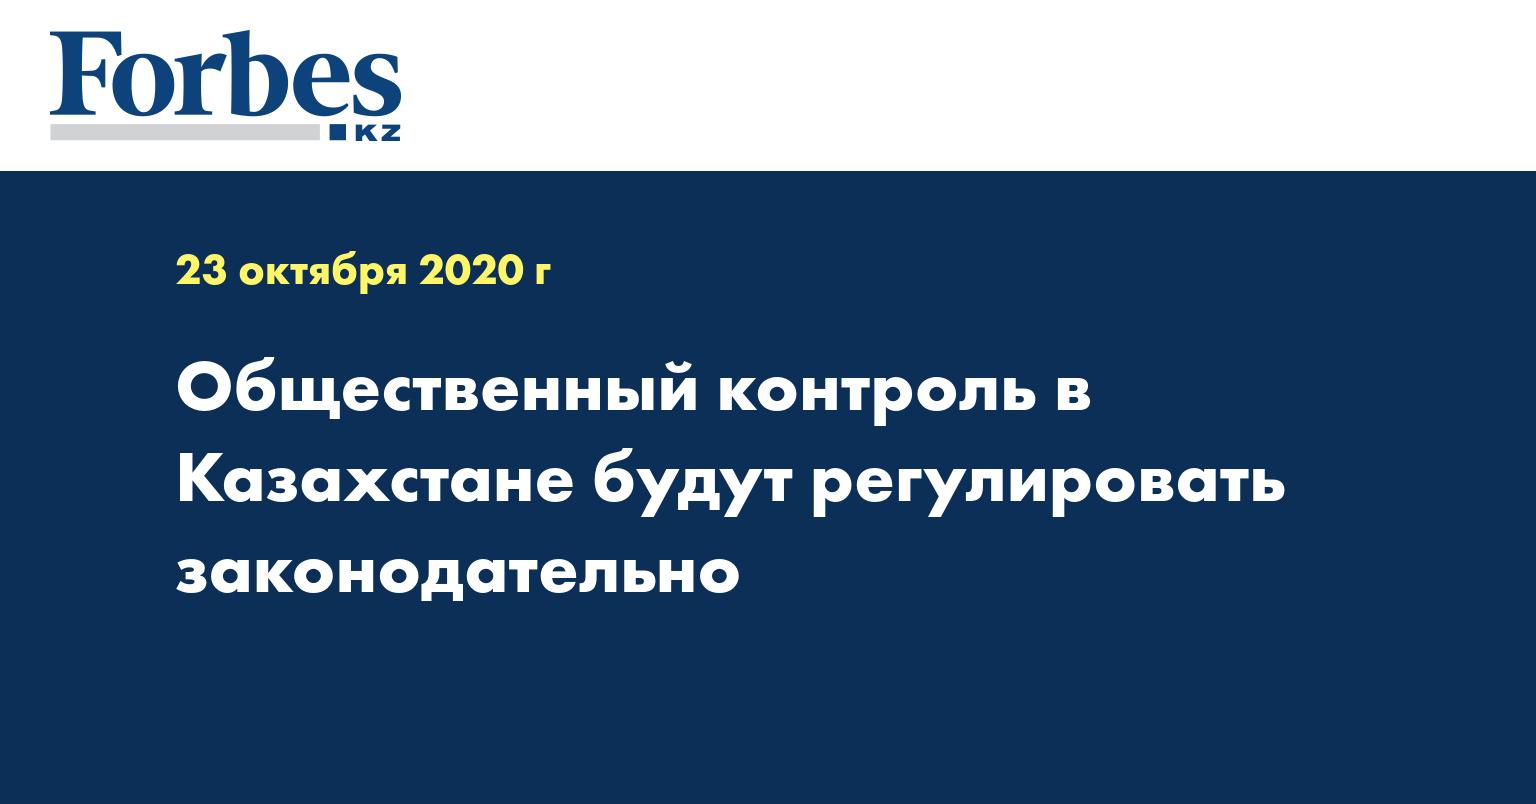 Общественный контроль в Казахстане будут регулировать законодательно